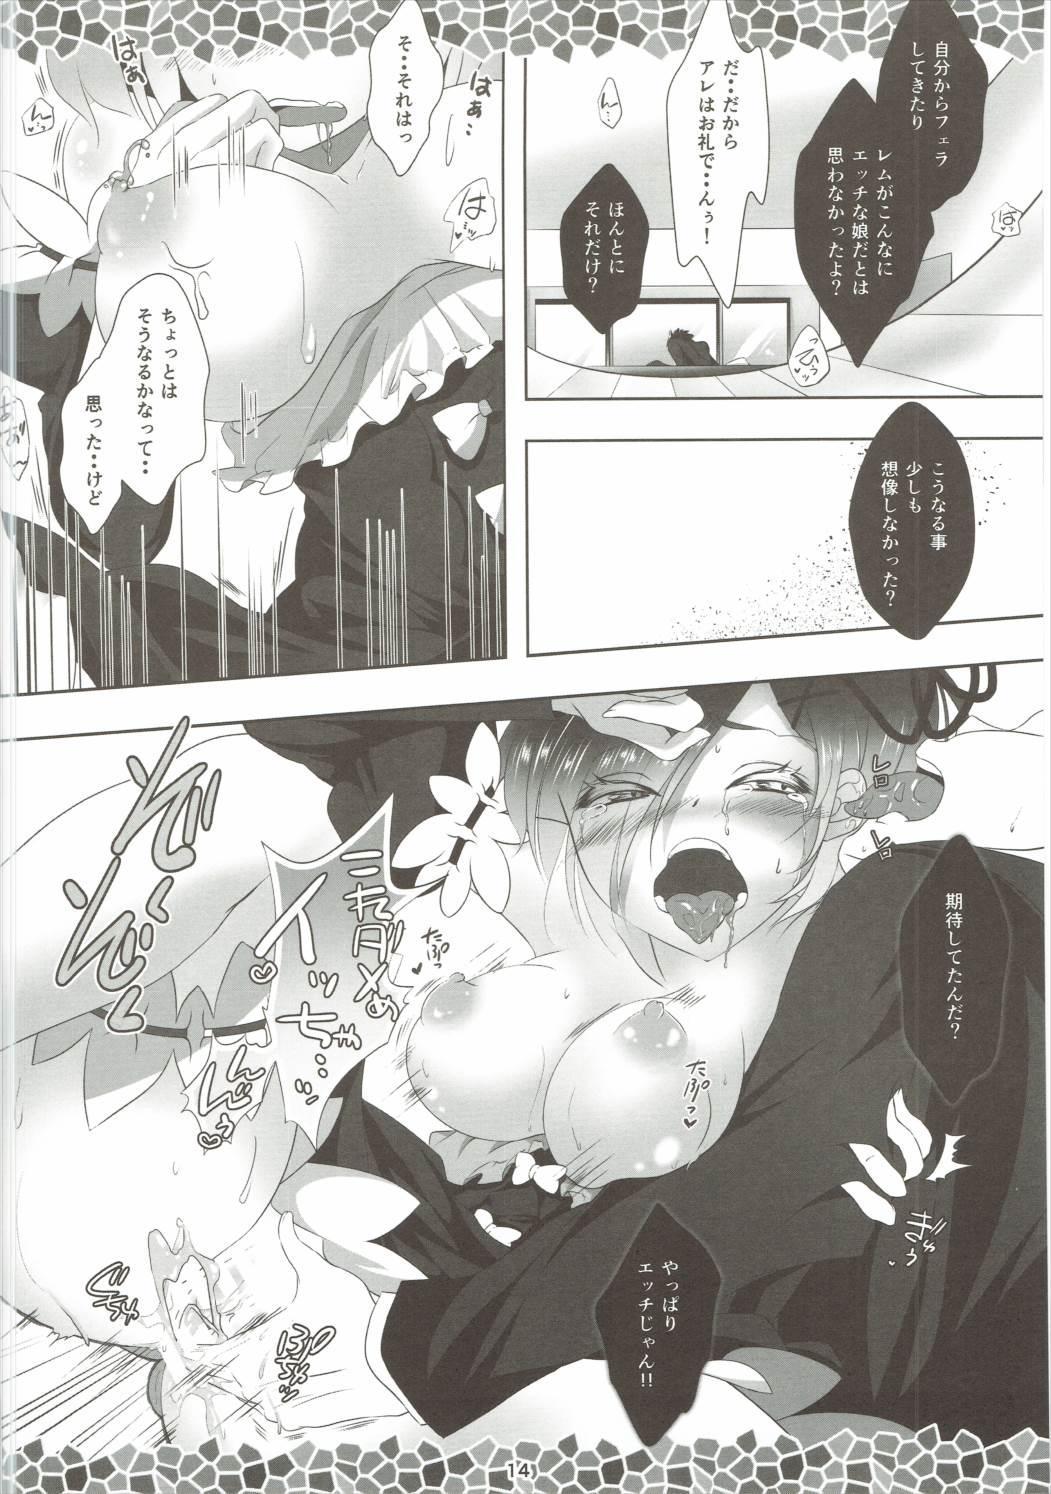 Re:Remu kara Hajimeru Orei no Orei 15